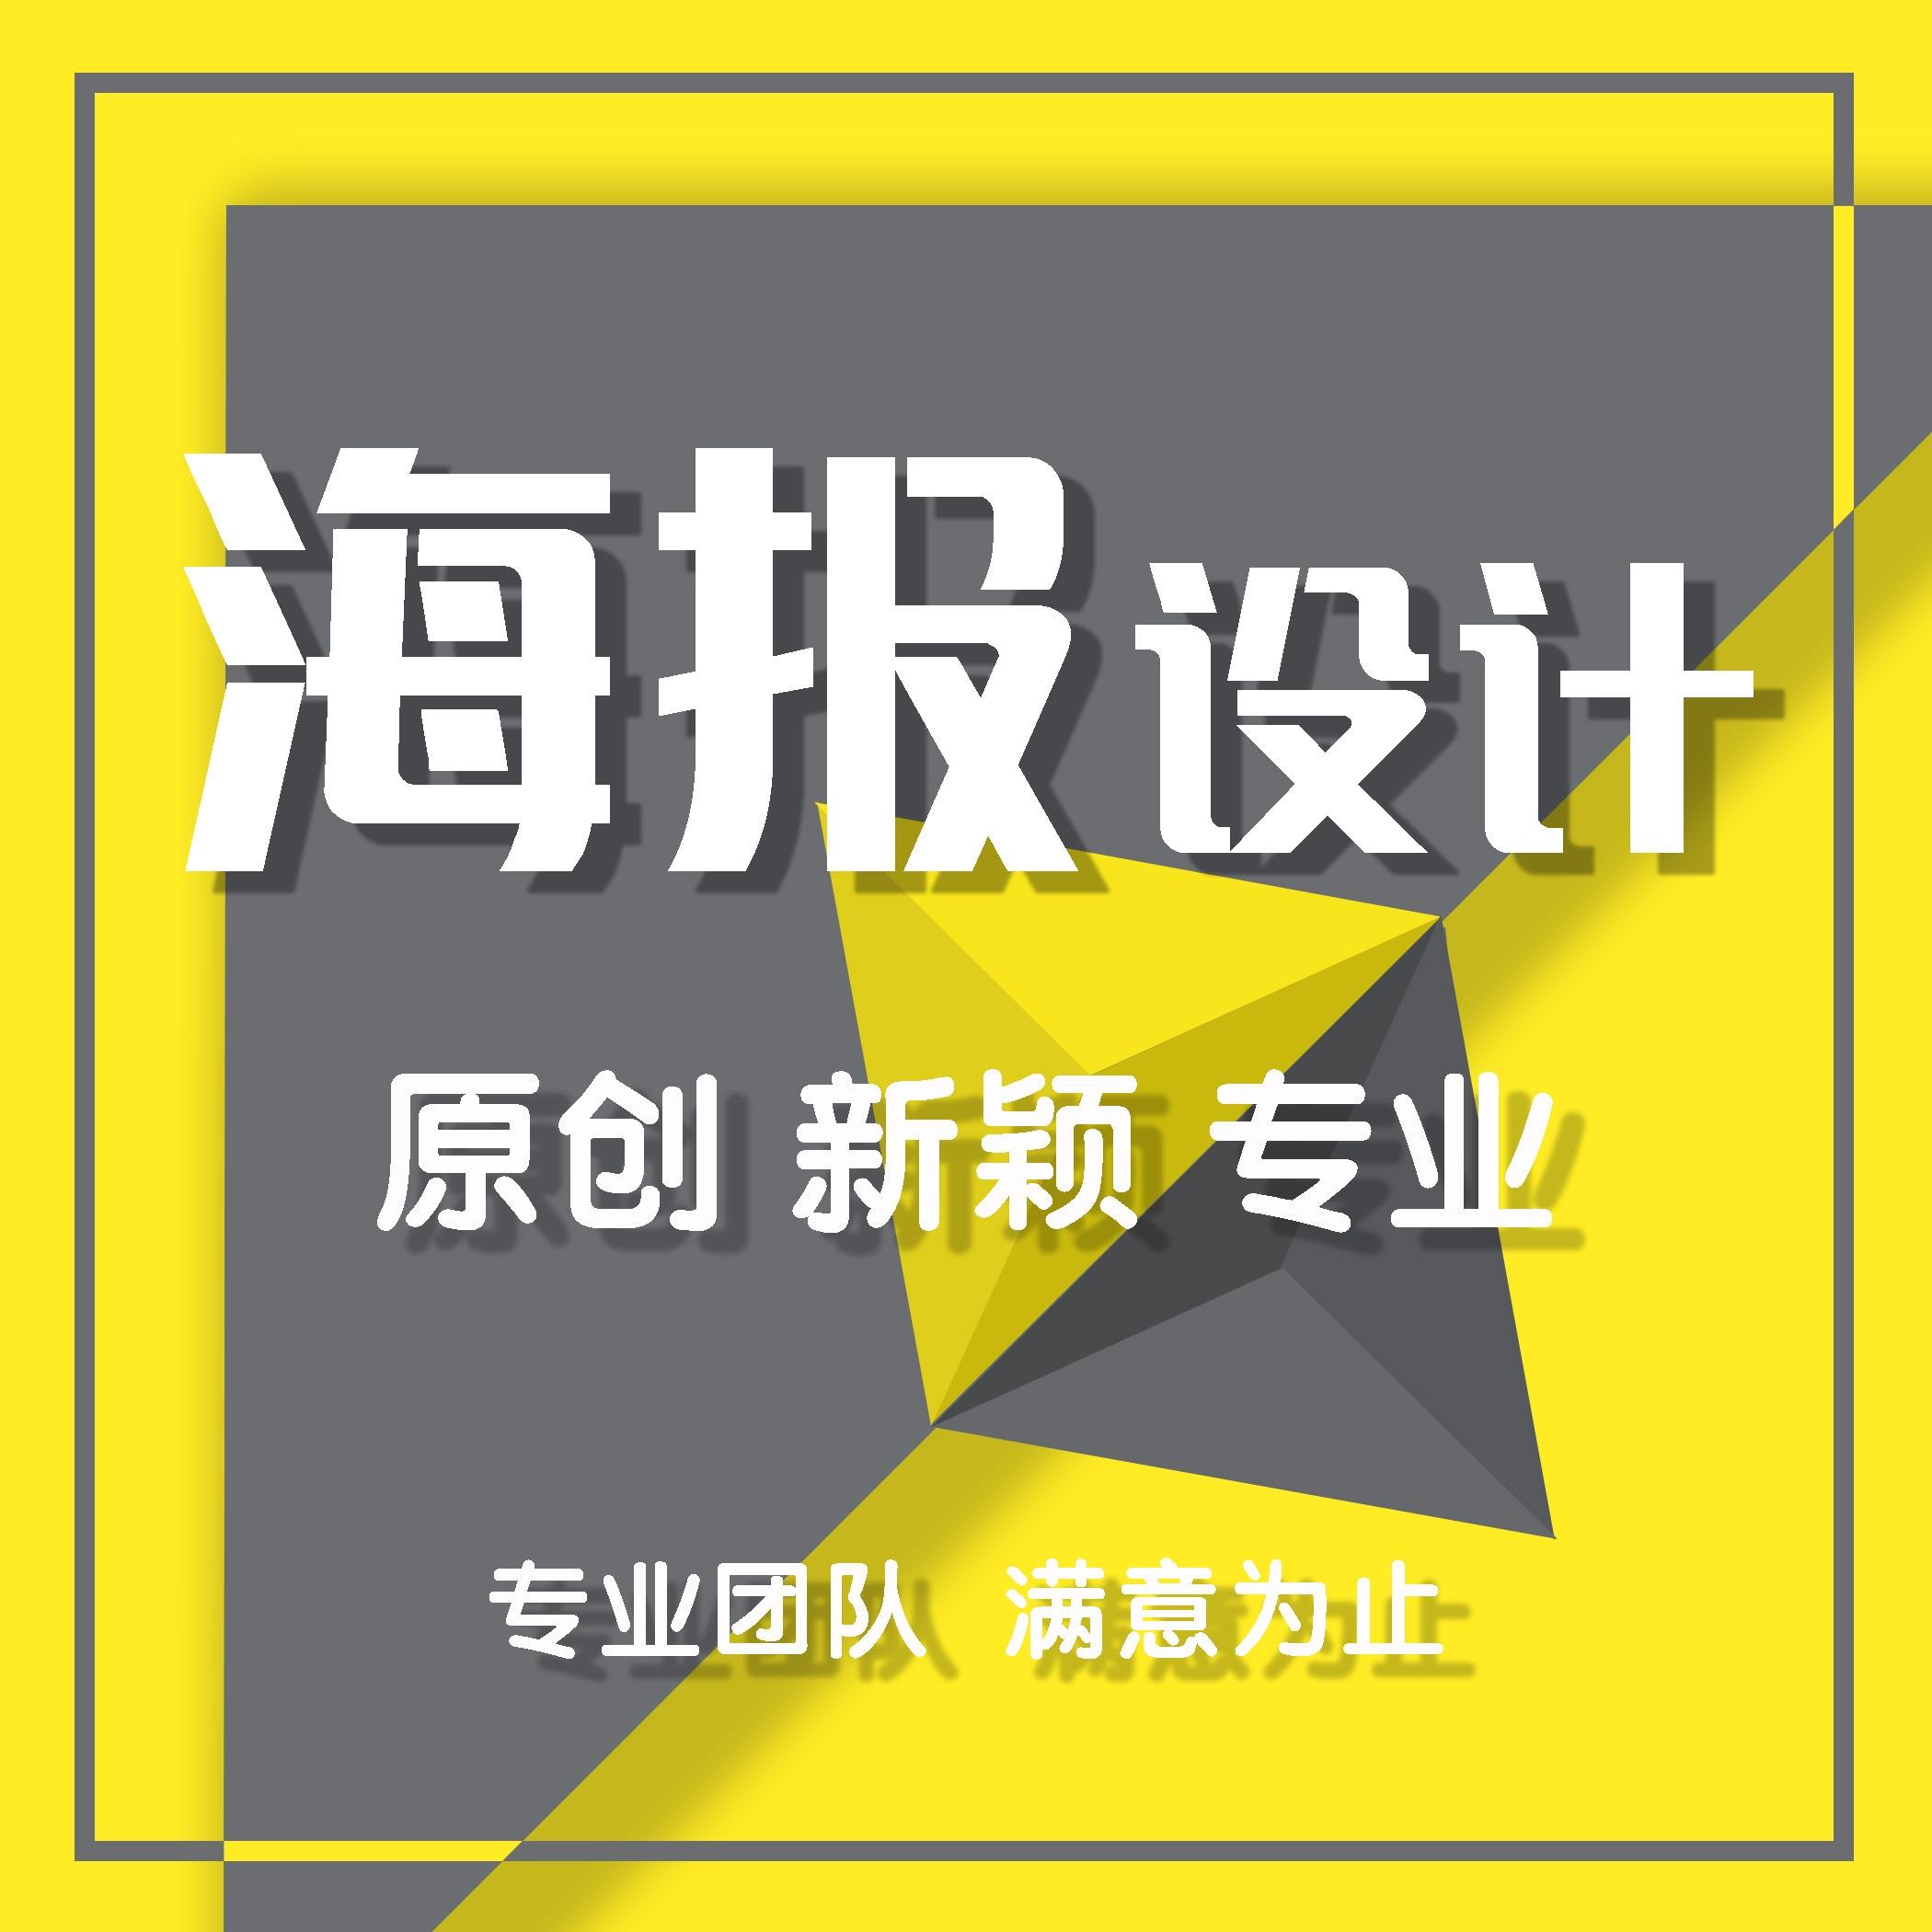 【海报设计】包月节日节气配图海报微信朋友圈广告图片设计